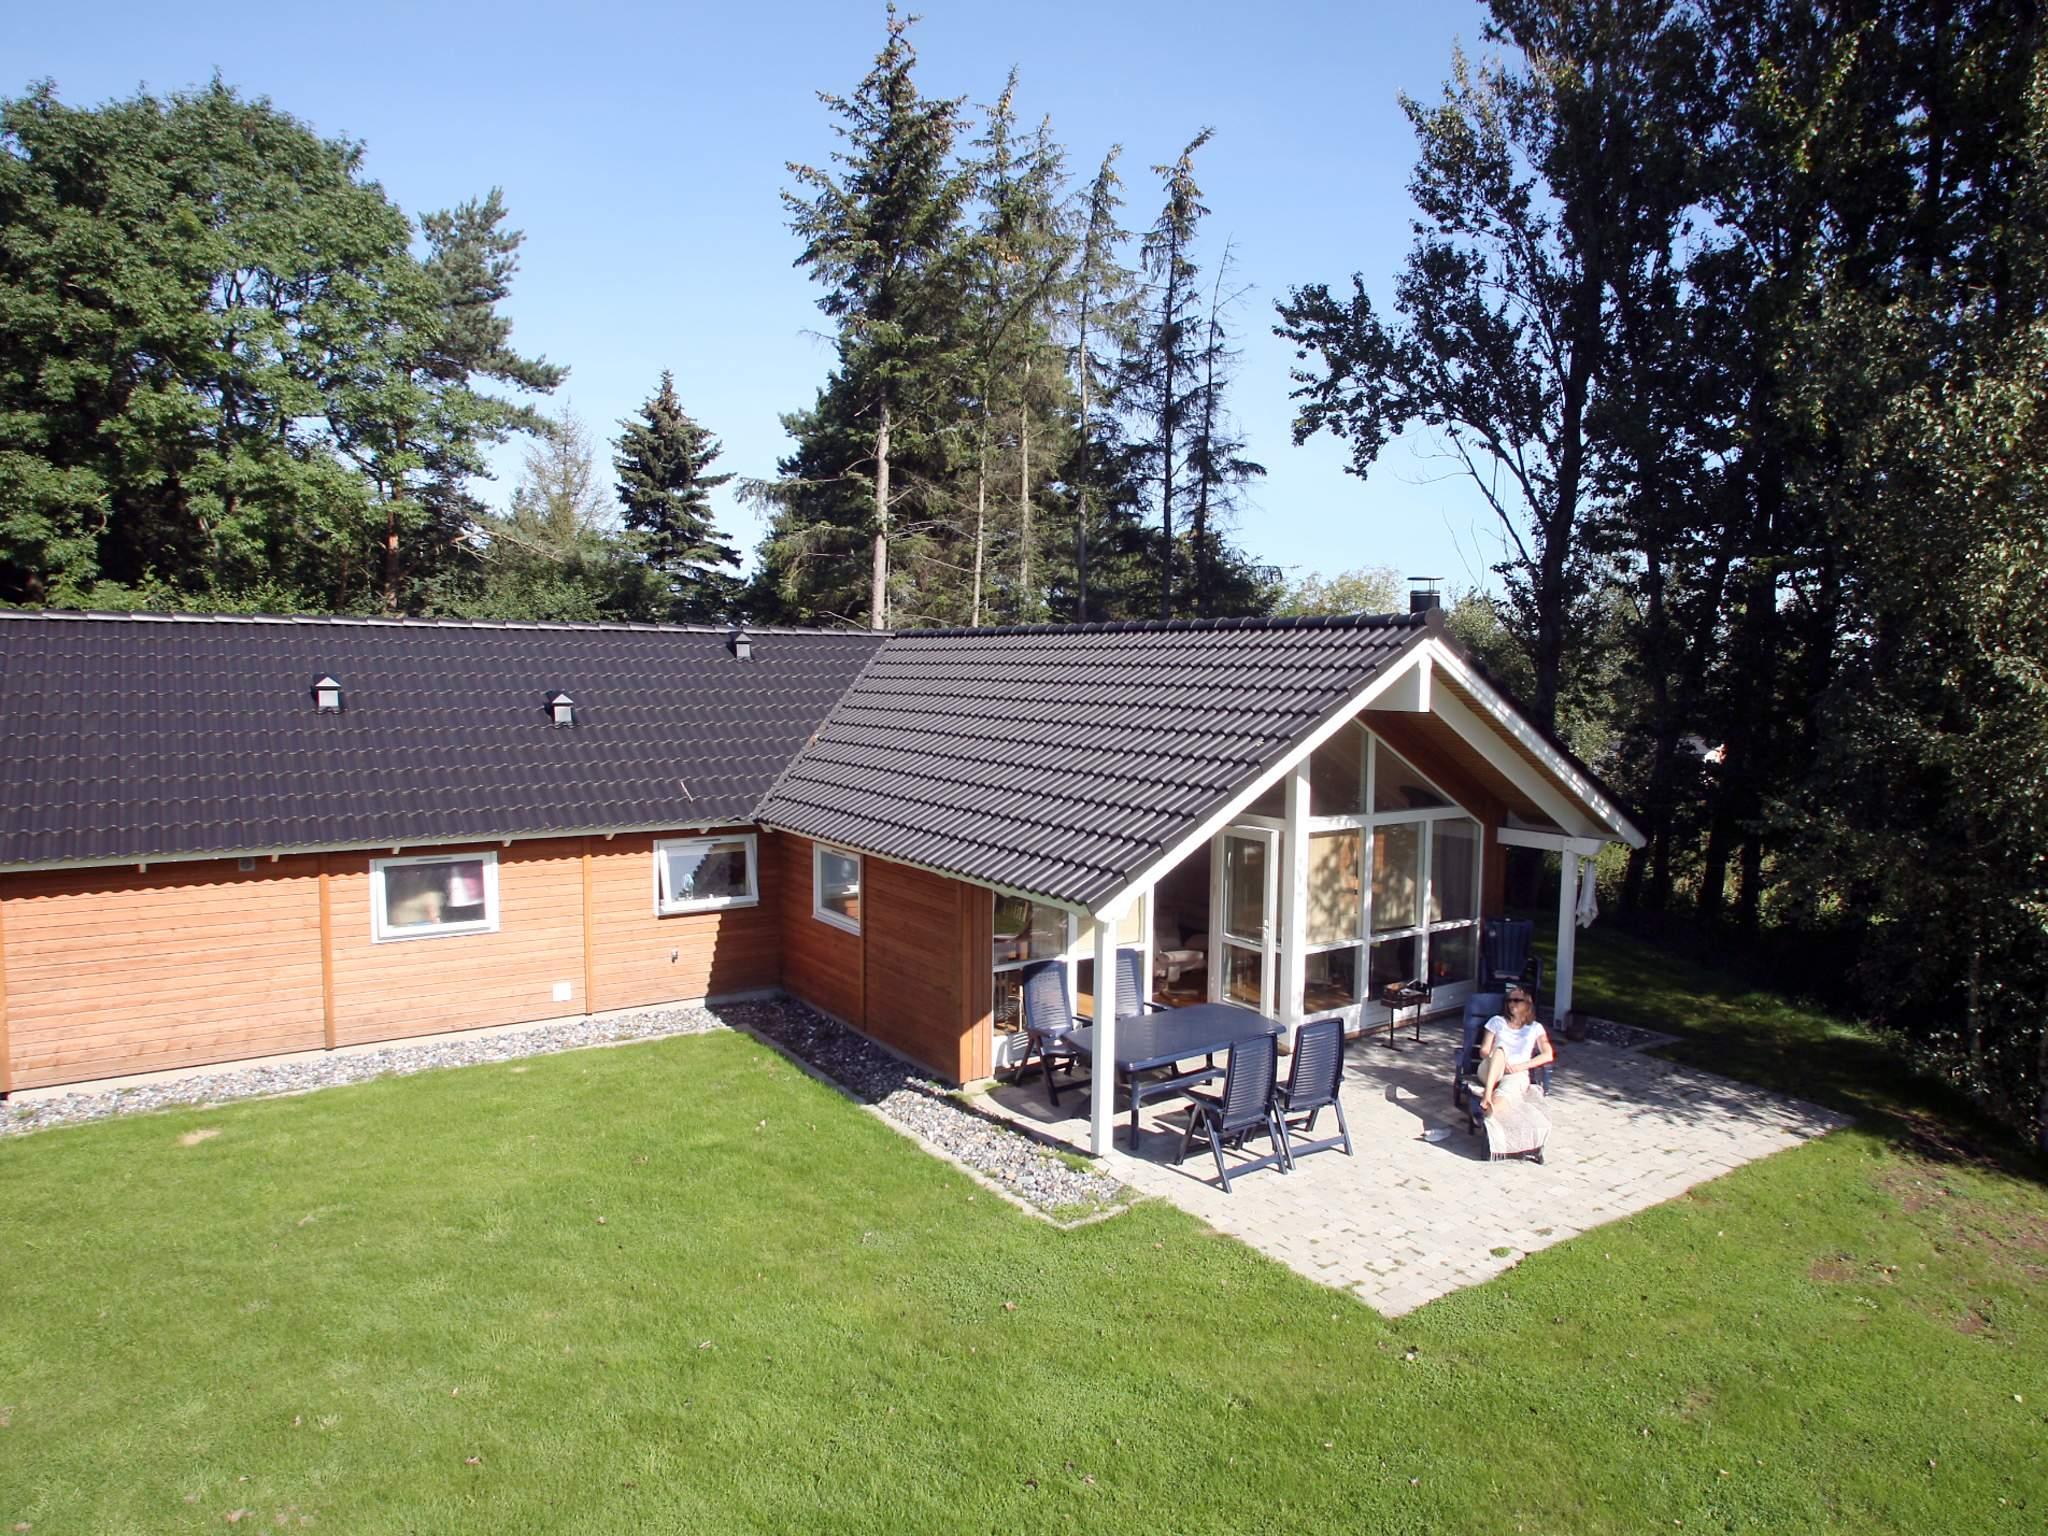 Ferienhaus Veddinge Bakker (216923), Asnæs, , Westseeland, Dänemark, Bild 18